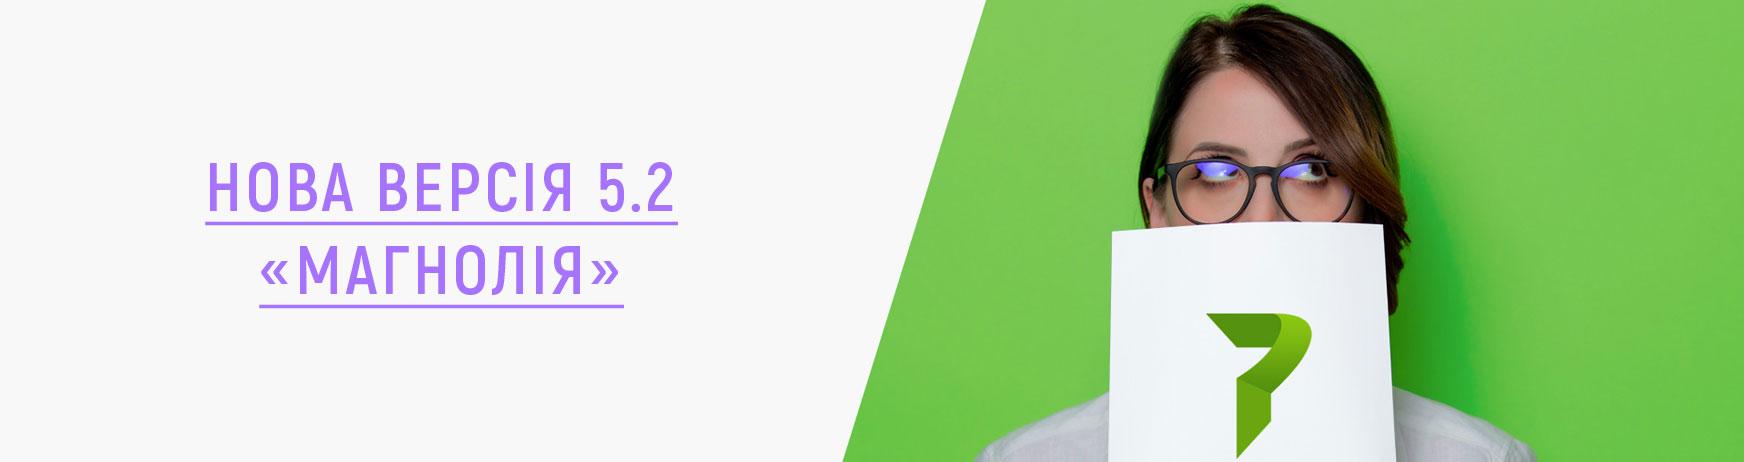 НОВАЯ ВЕРСИЯ PERFECTUM CRM+ERP 5.2